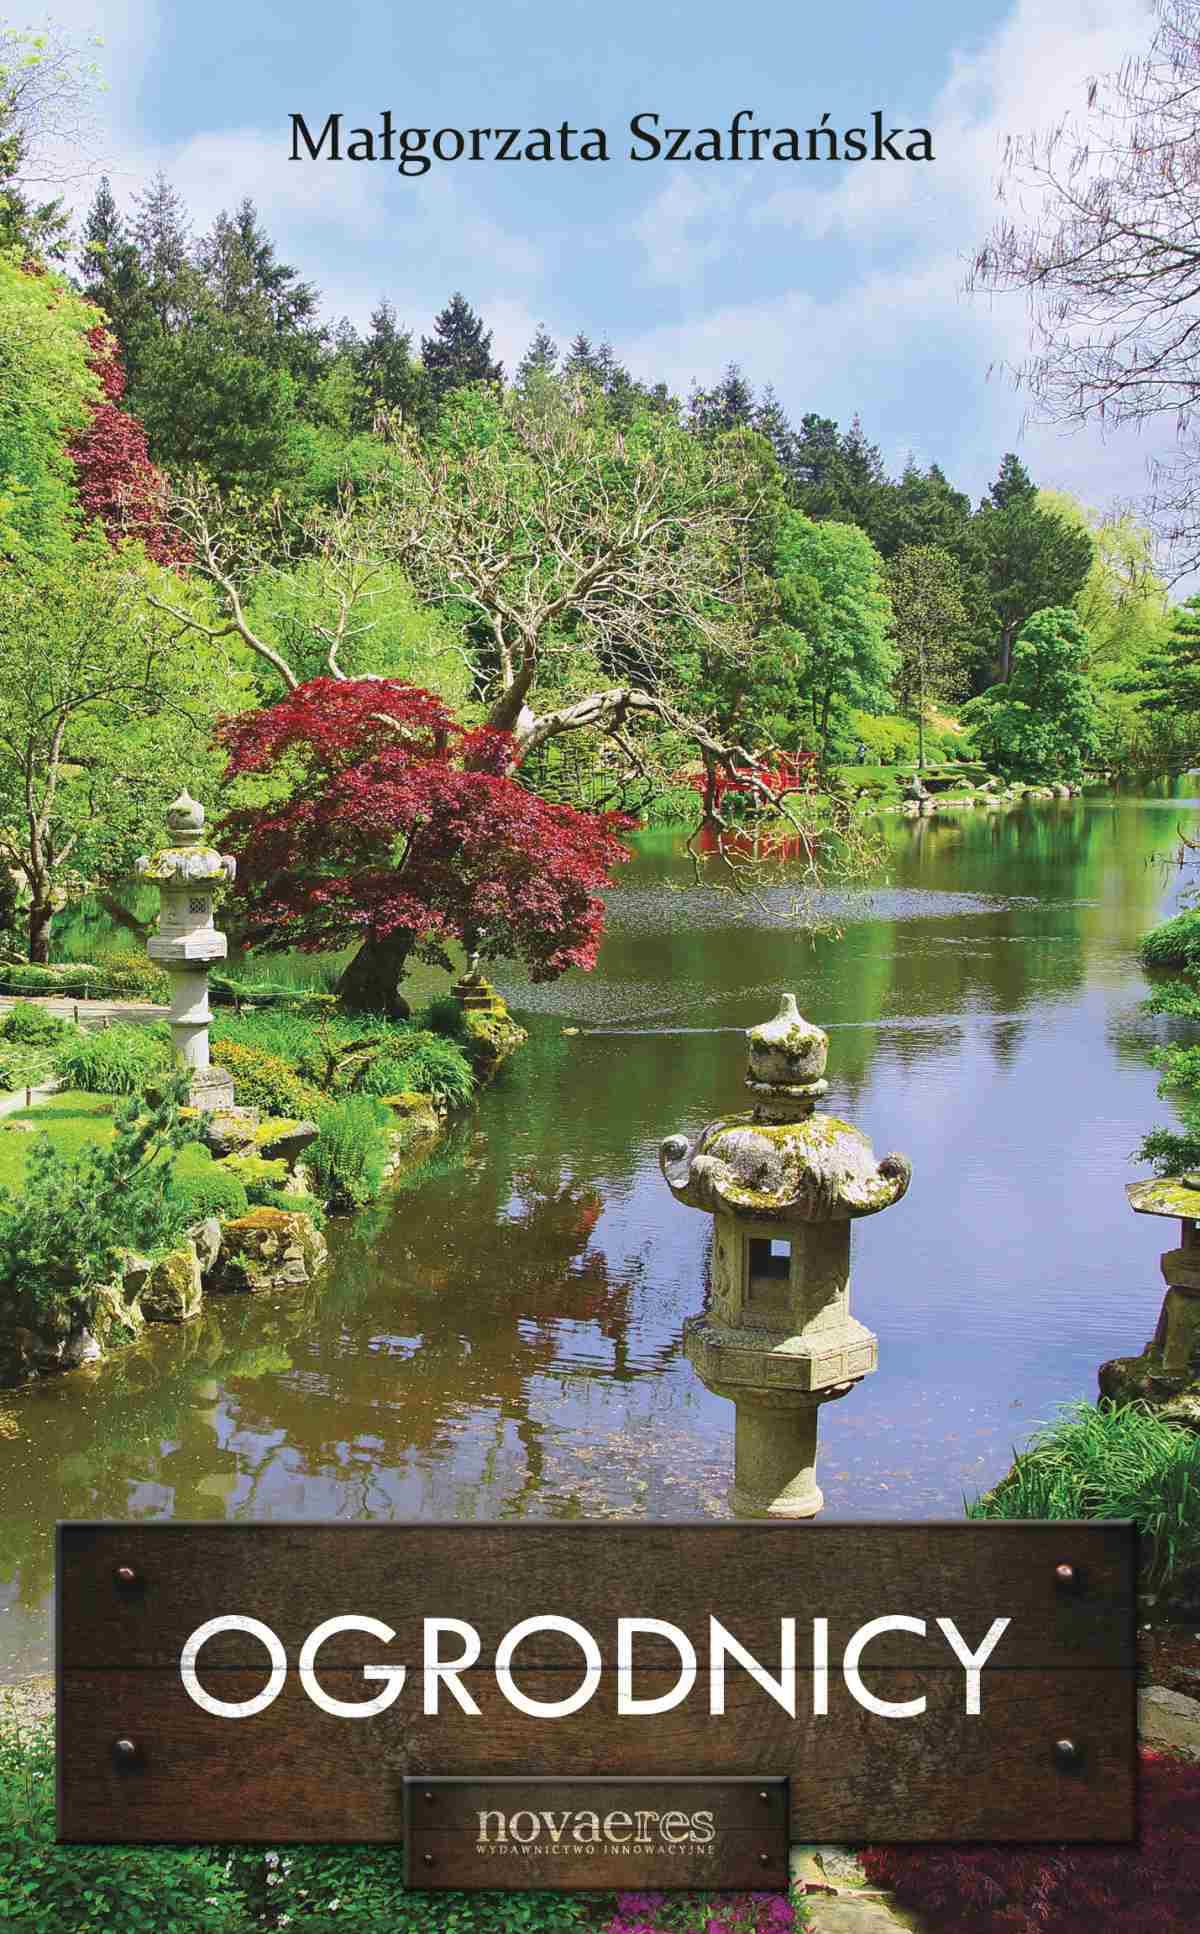 Ogrodnicy - Ebook (Książka EPUB) do pobrania w formacie EPUB